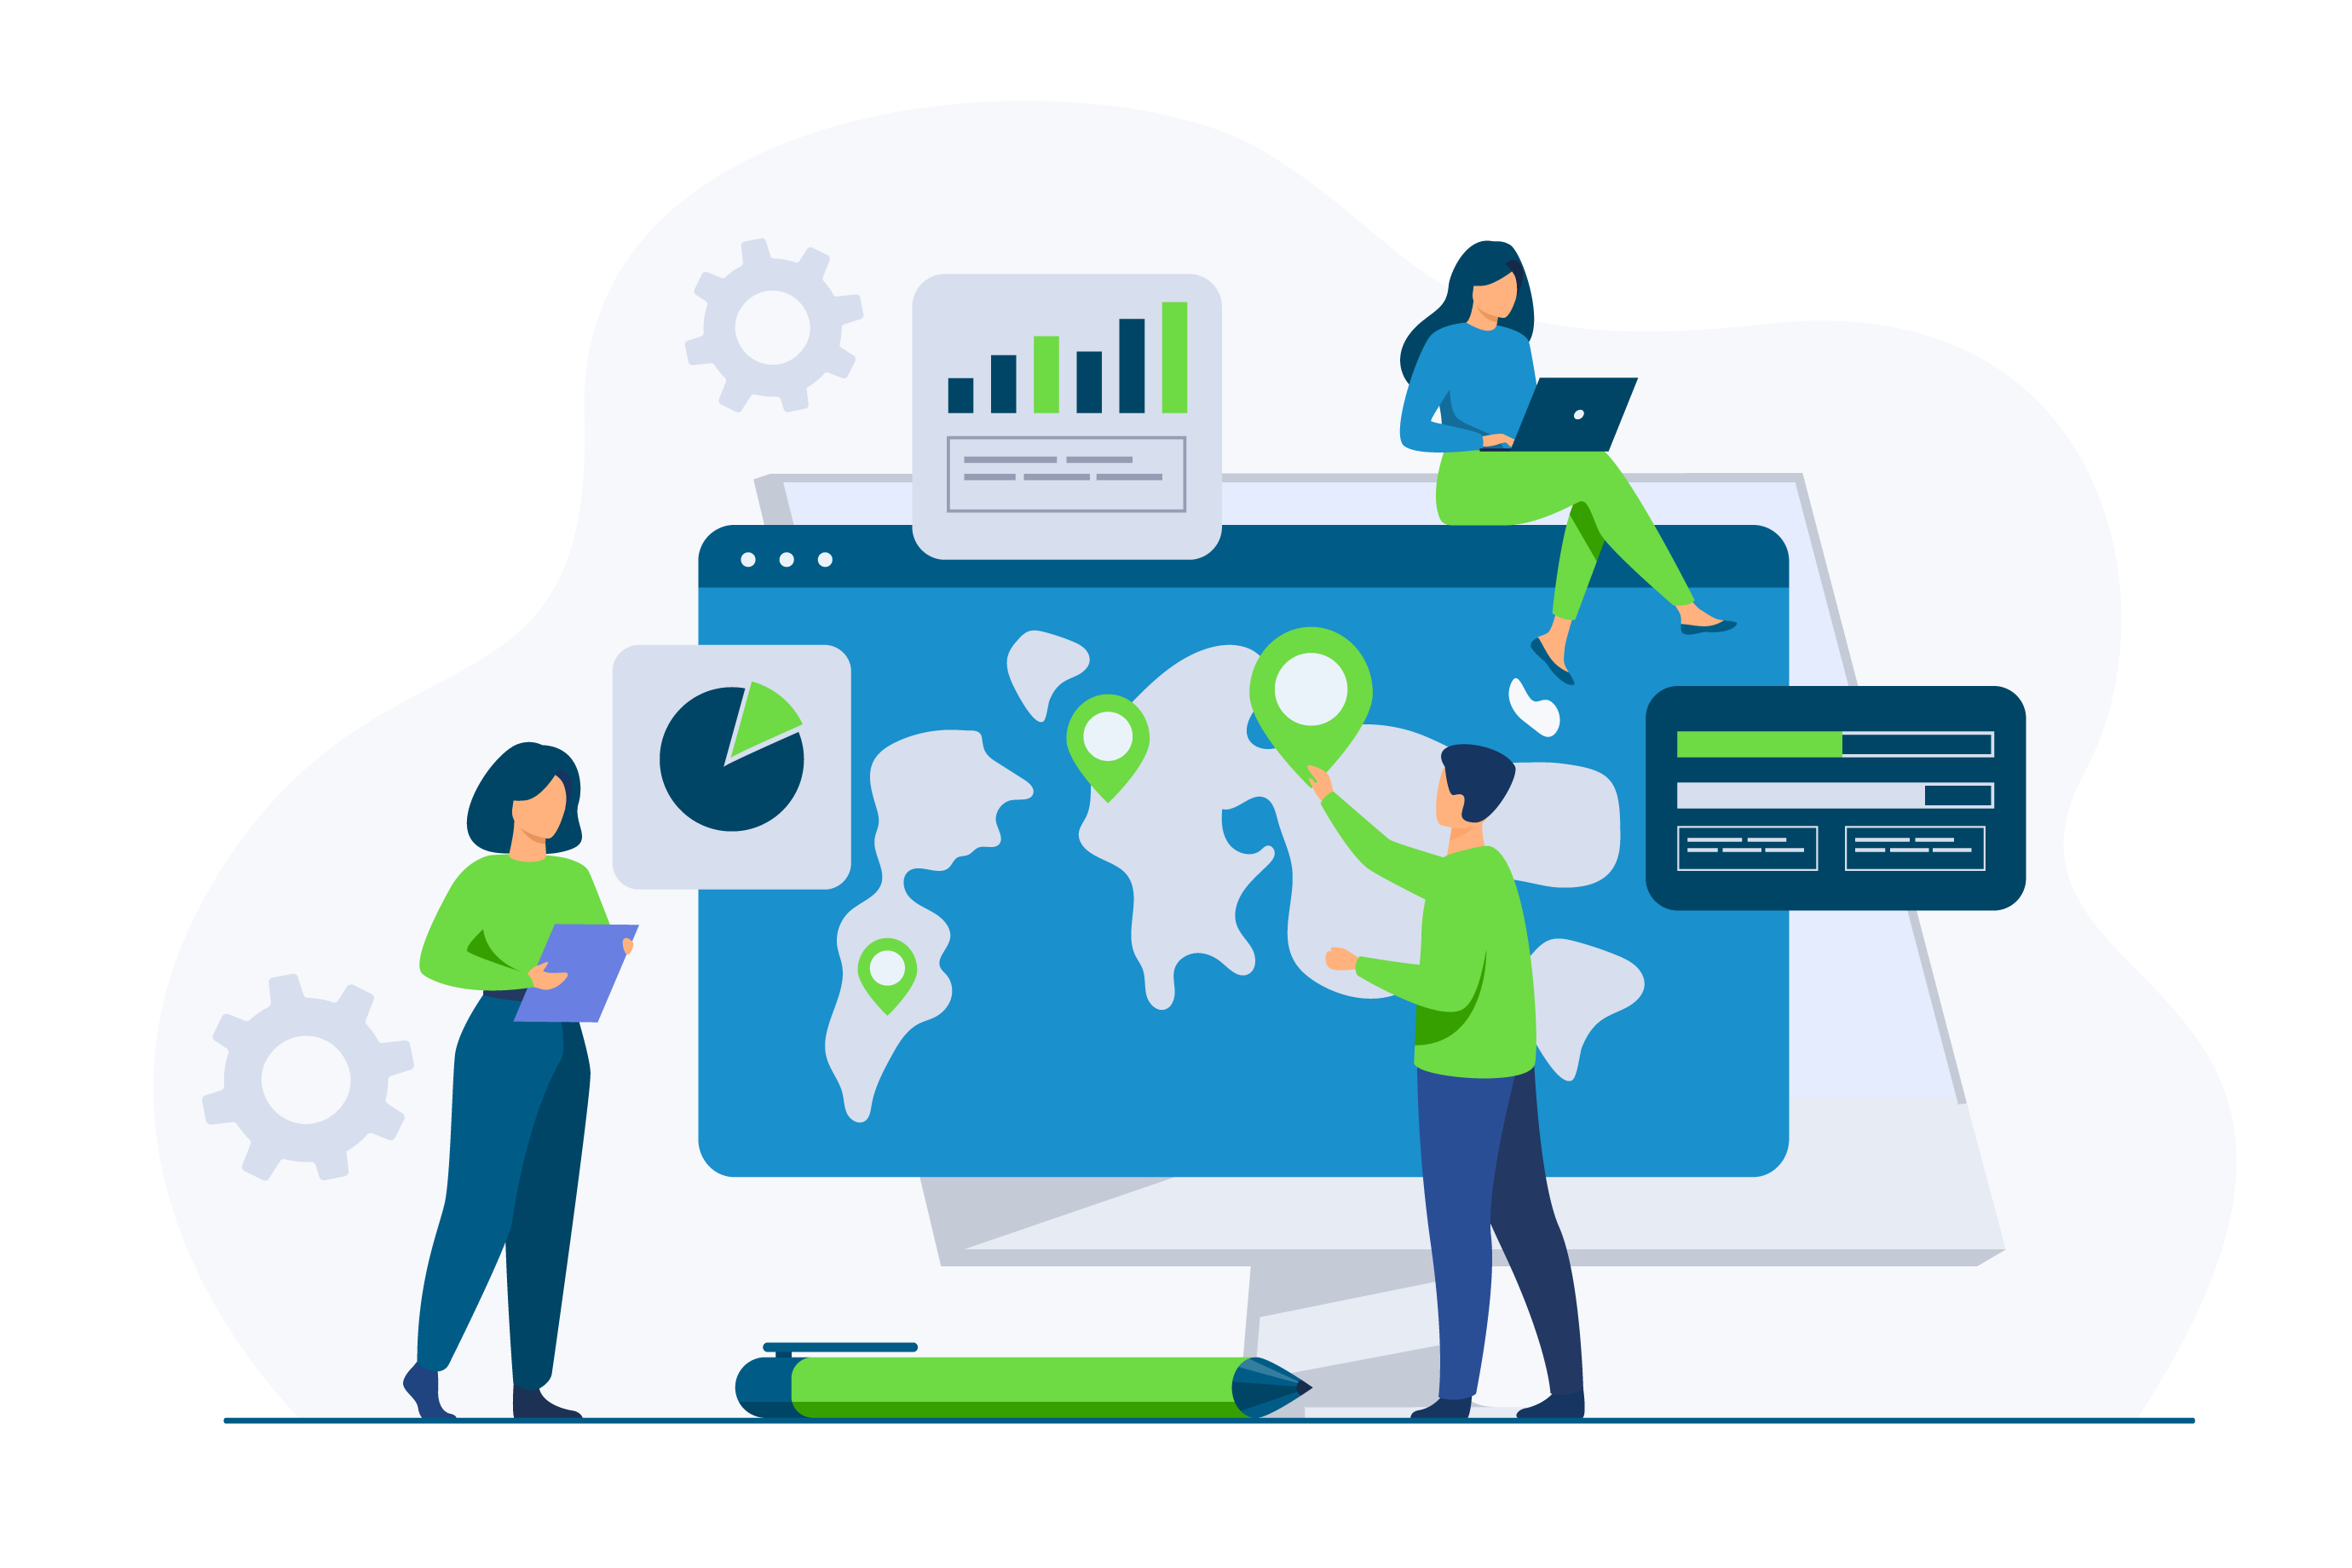 Analyser votre réseau et vos flux de distribution et de transports pour optimiser votre logistique